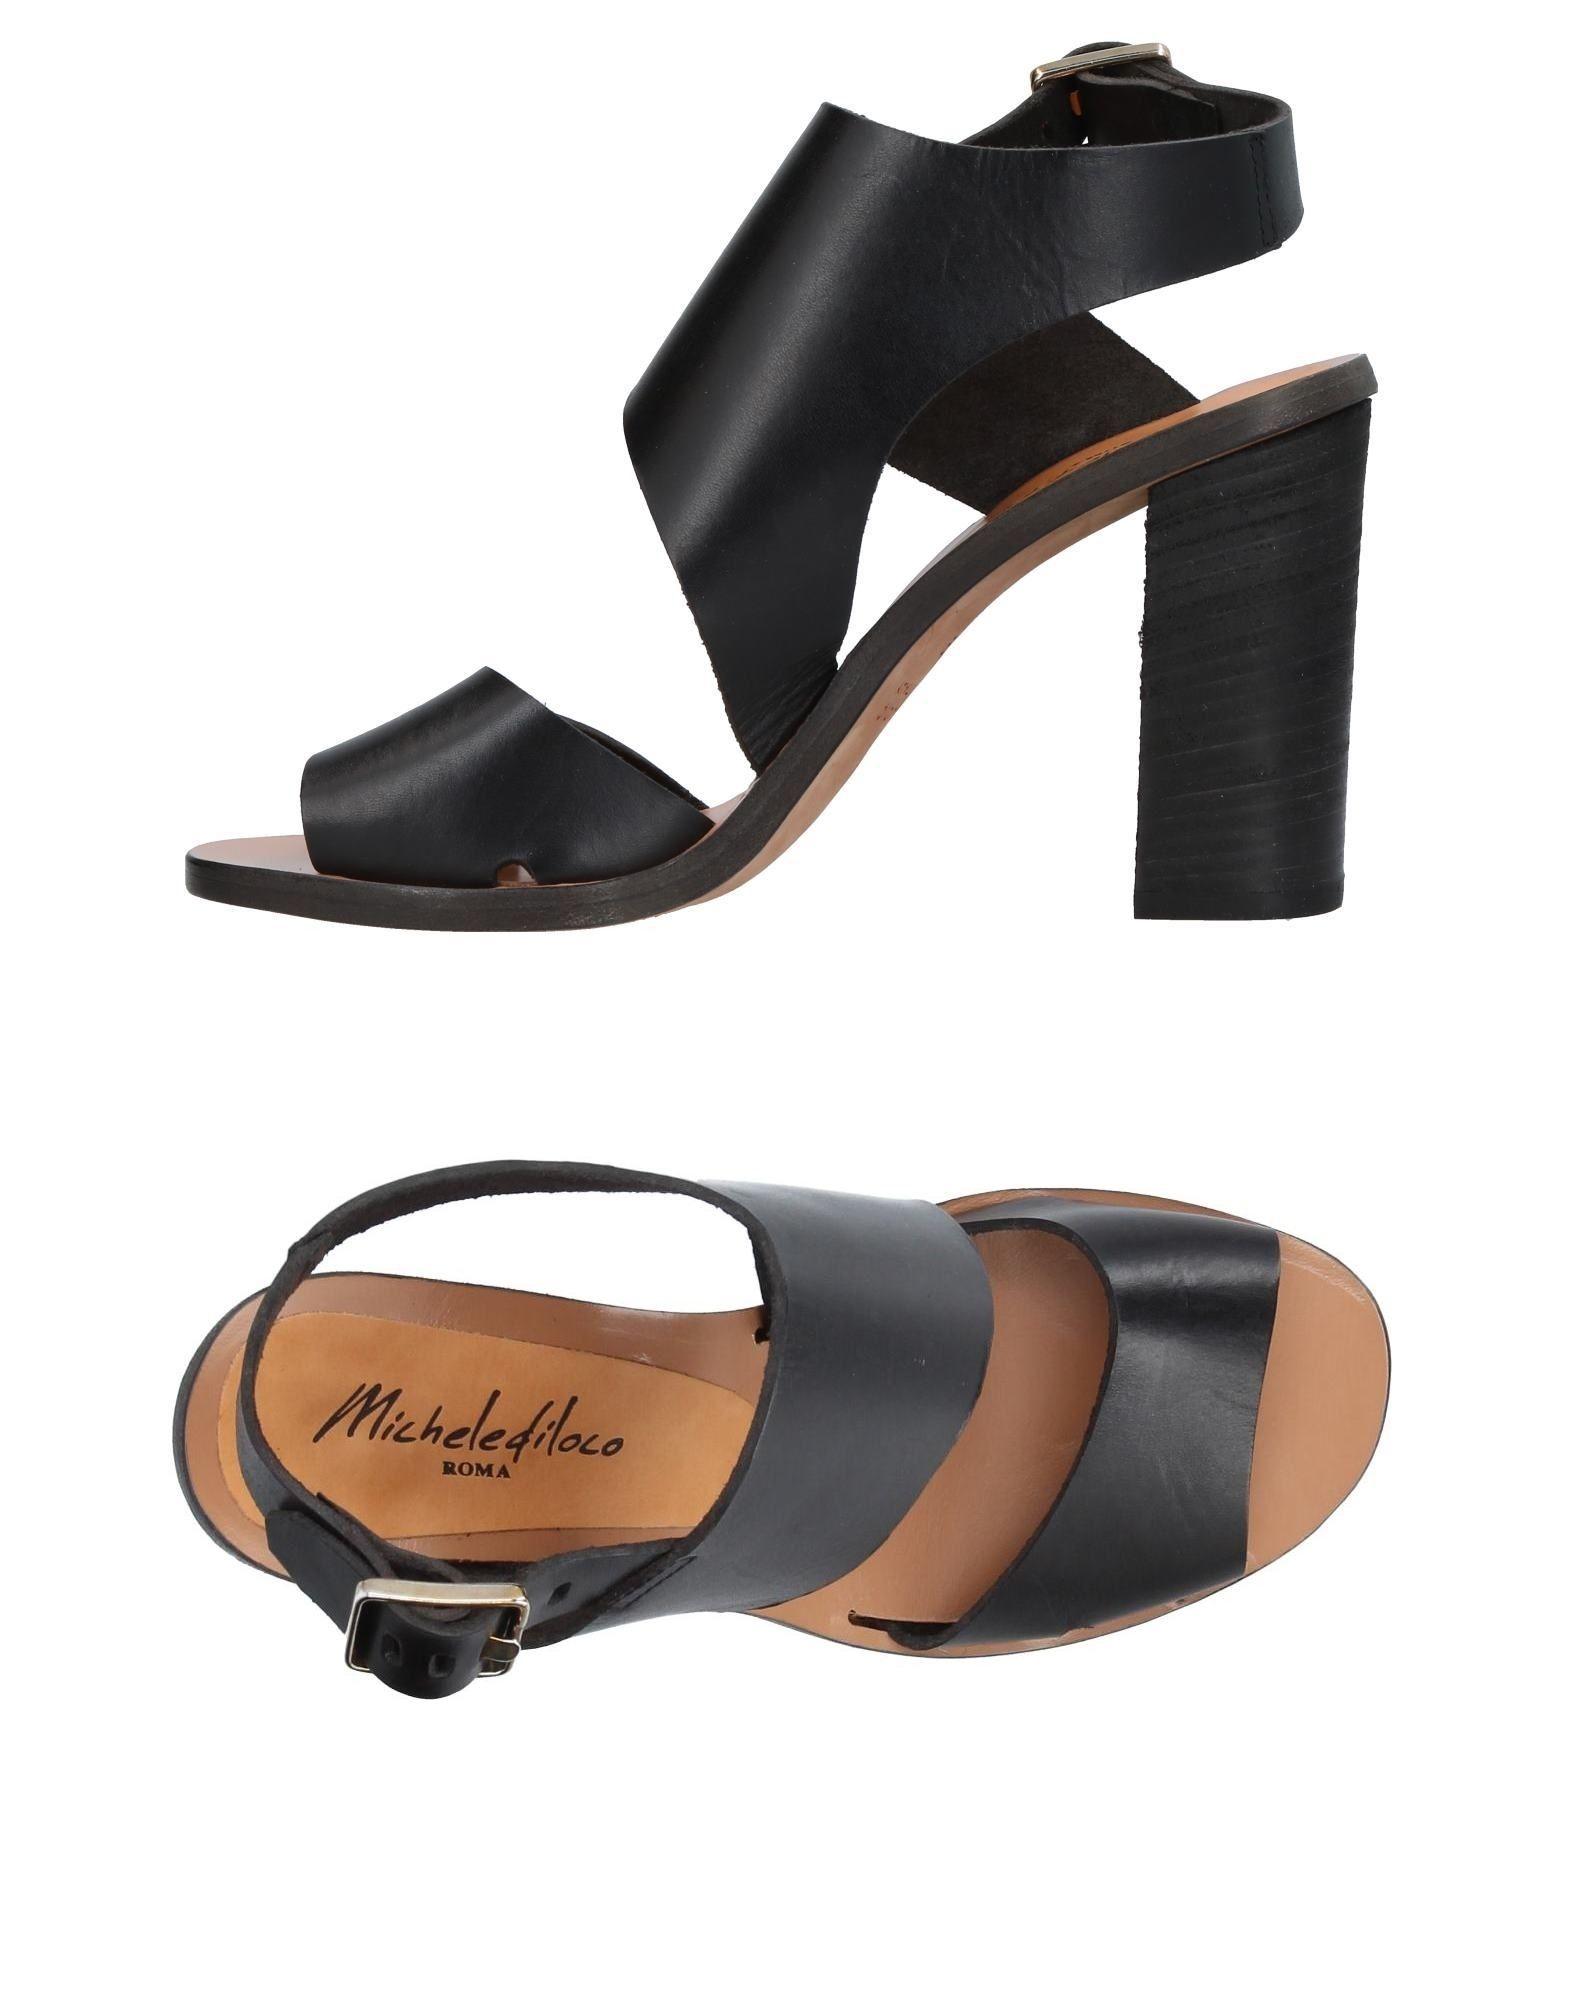 Sandali Michelediloco Donna - 11376876AD Scarpe economiche e buone